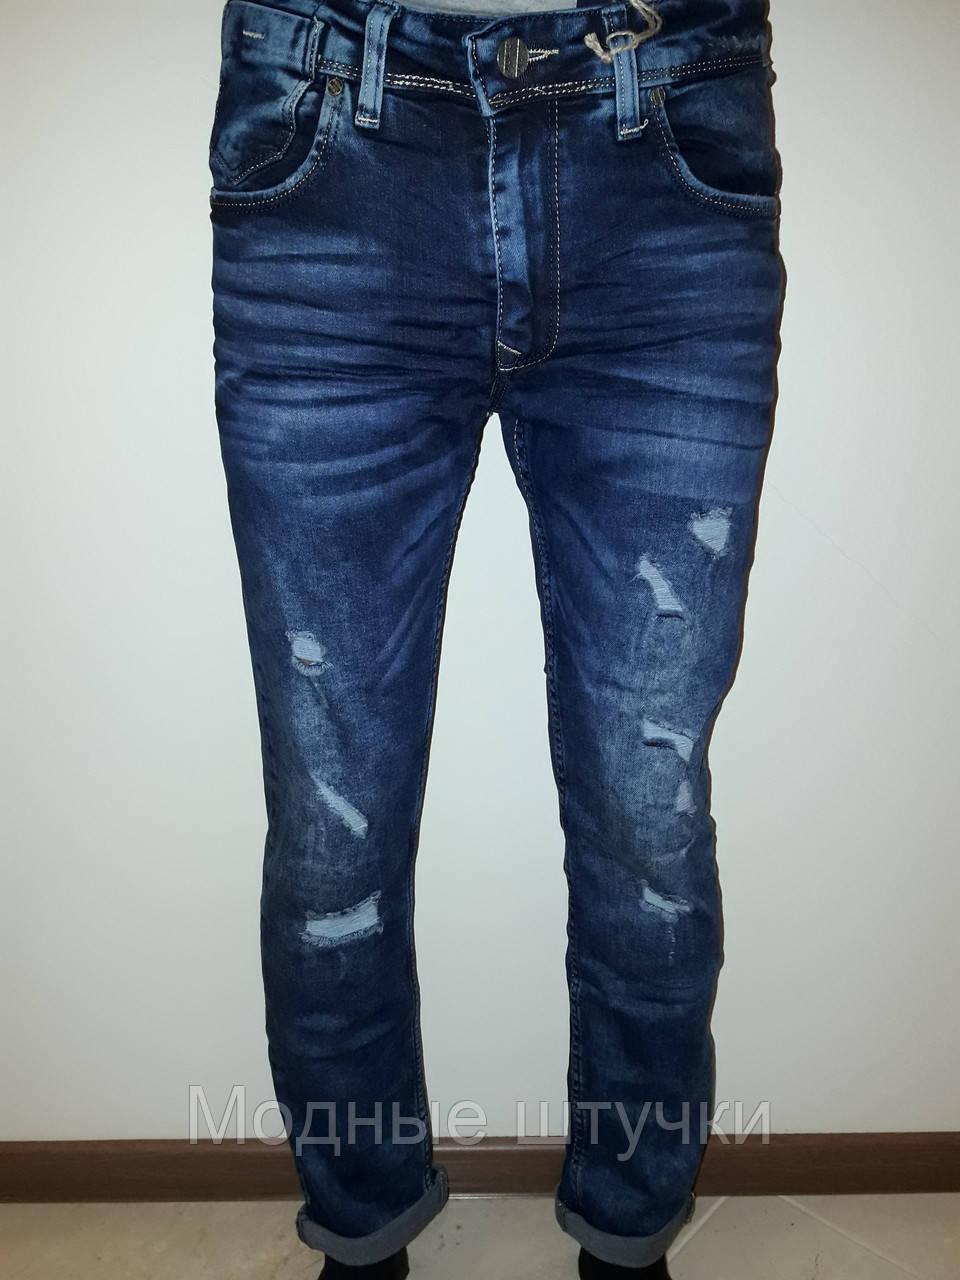 3b175a45e49 Мужские джинсы рваные 3958 - Модные штучки в Николаеве